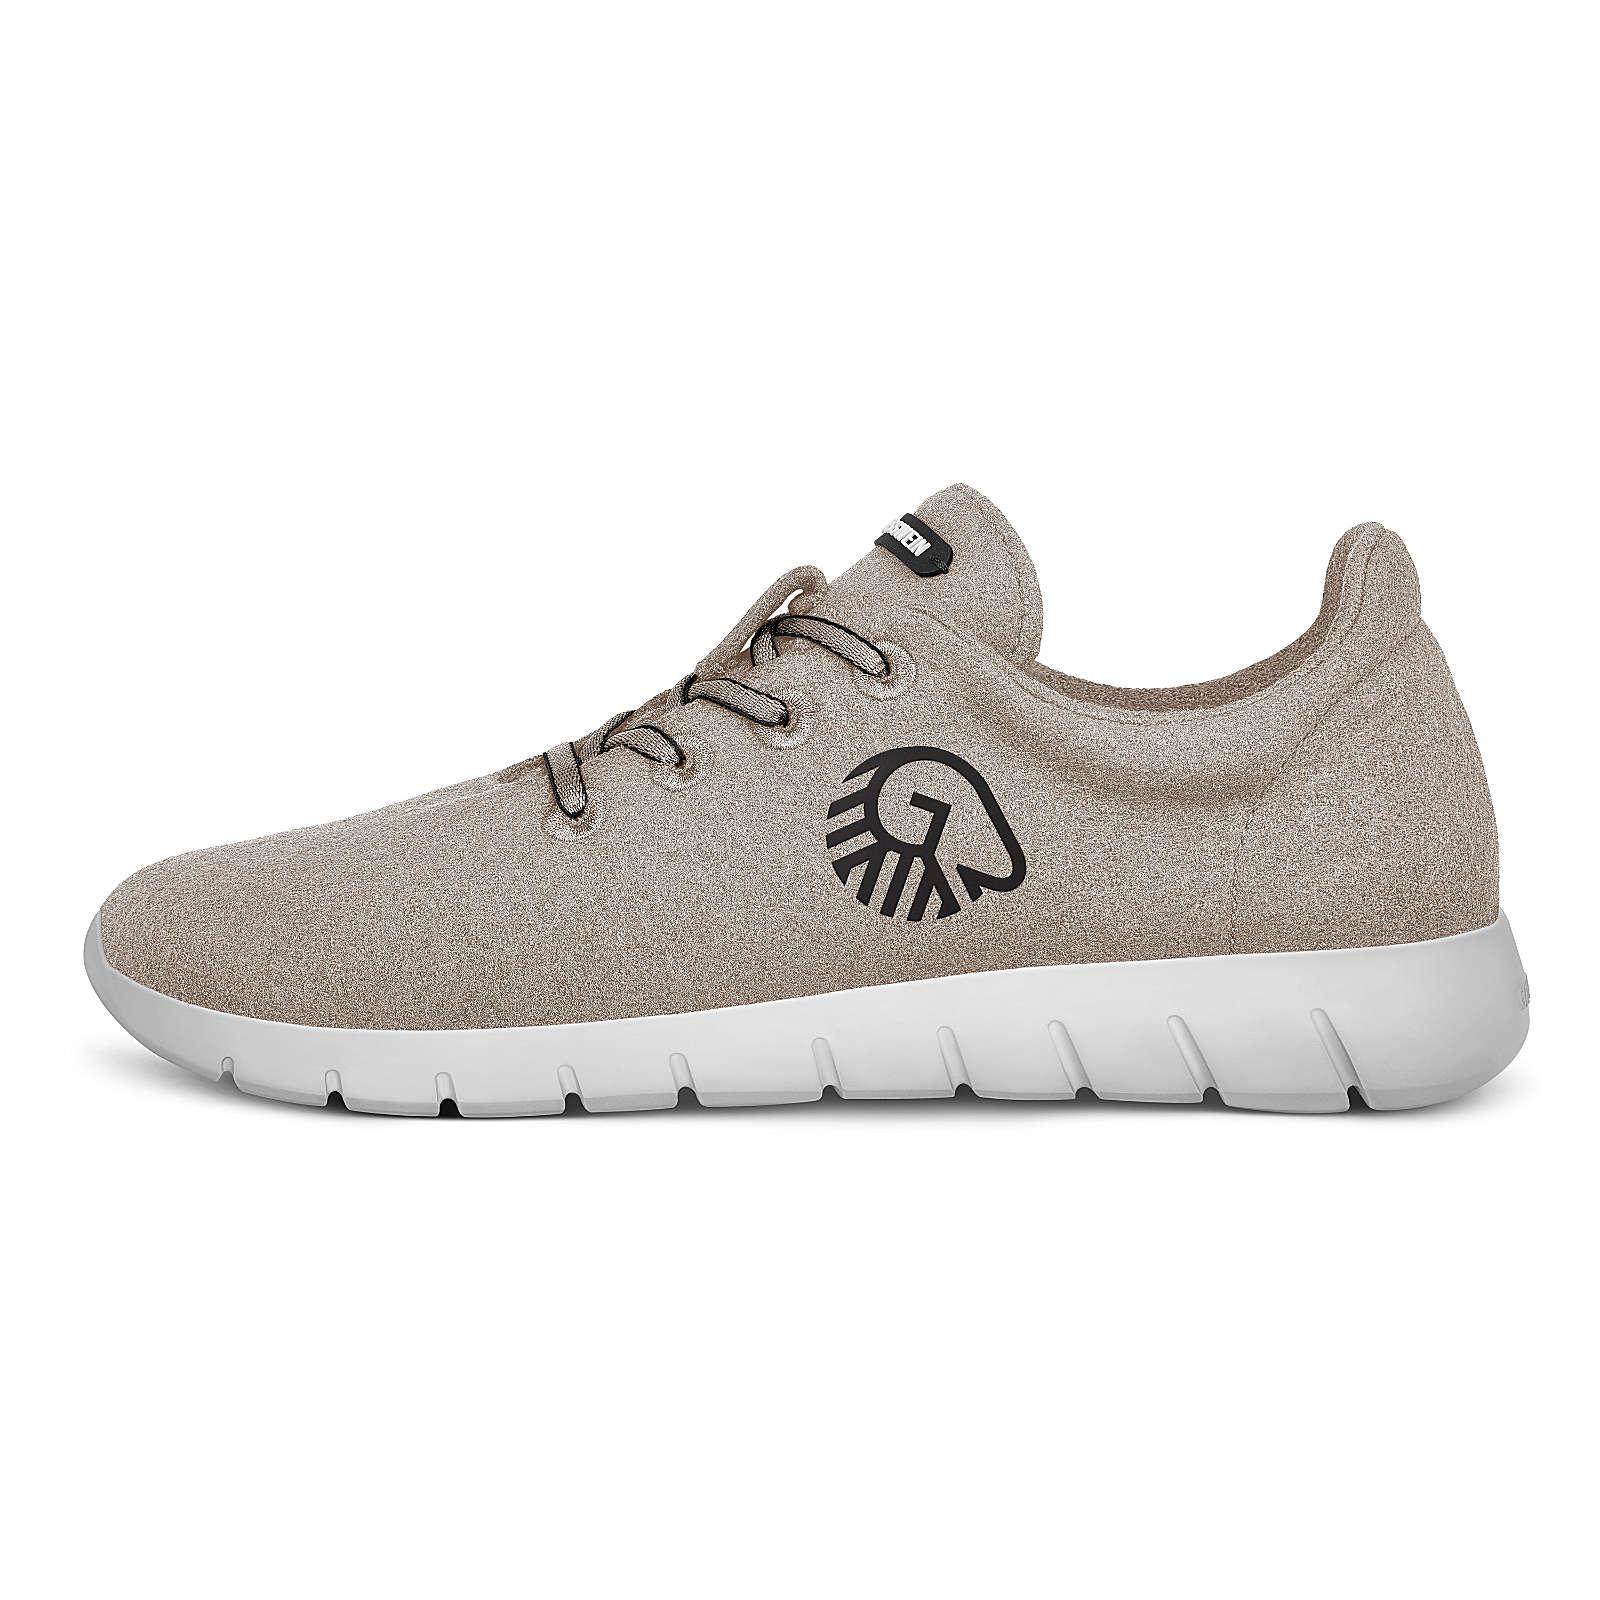 Giesswein Woll-Sneaker Merino Runners MEN Sneakers Low sand Herren Gr. 41